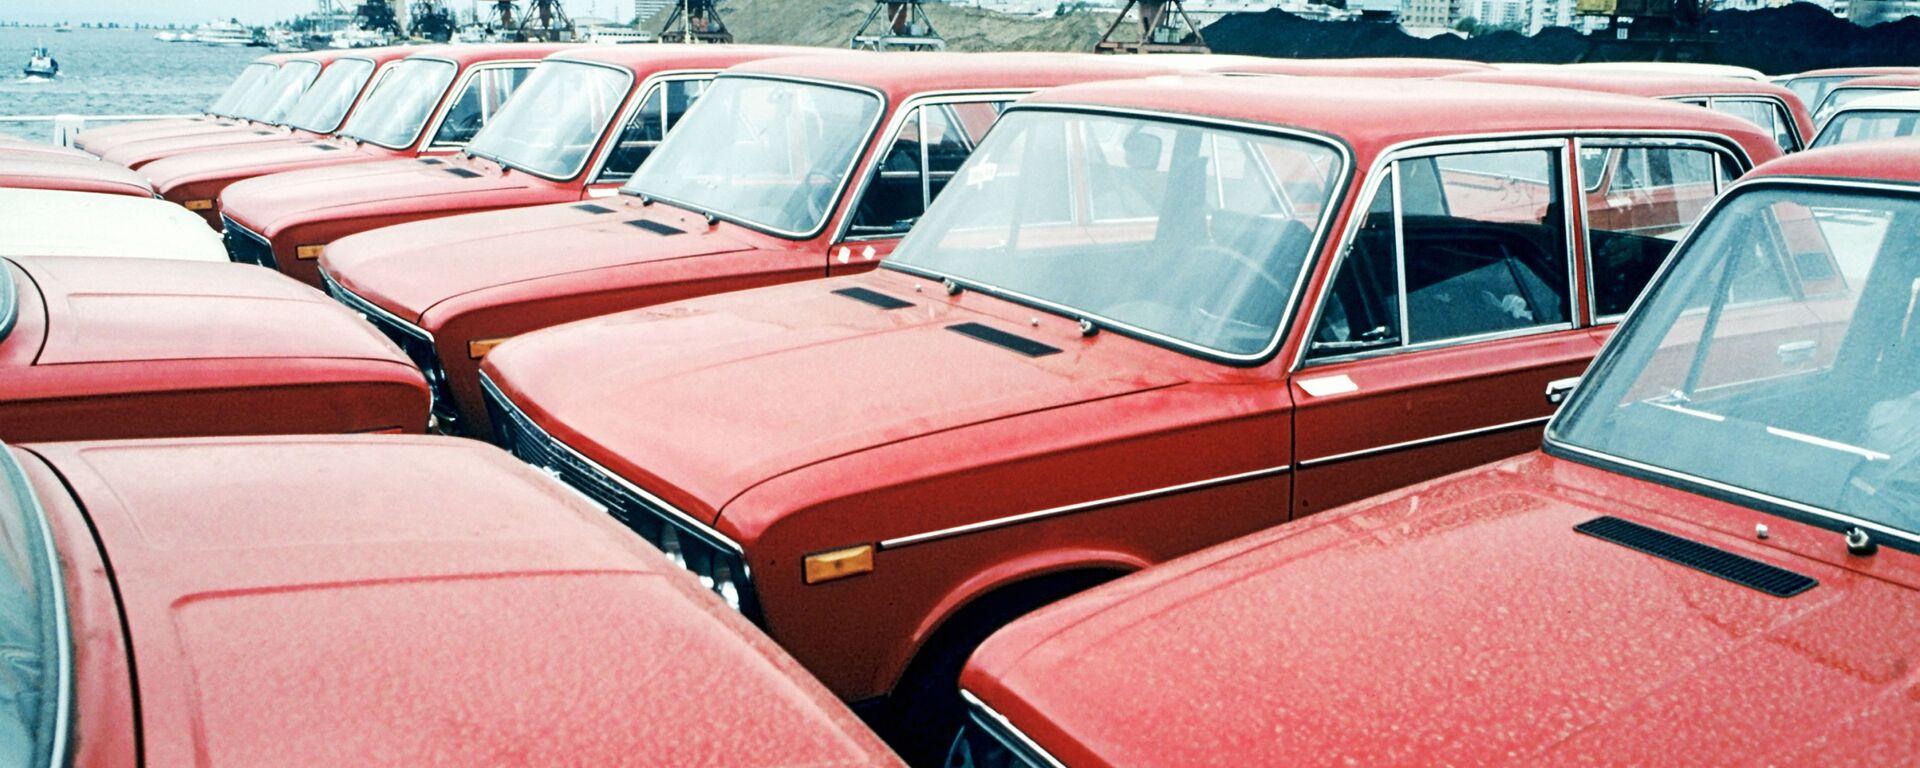 Nowe samochody WAZ-2106 na Wołżskiej fabryce samochodów w Togliatti - Sputnik Polska, 1920, 15.07.2021